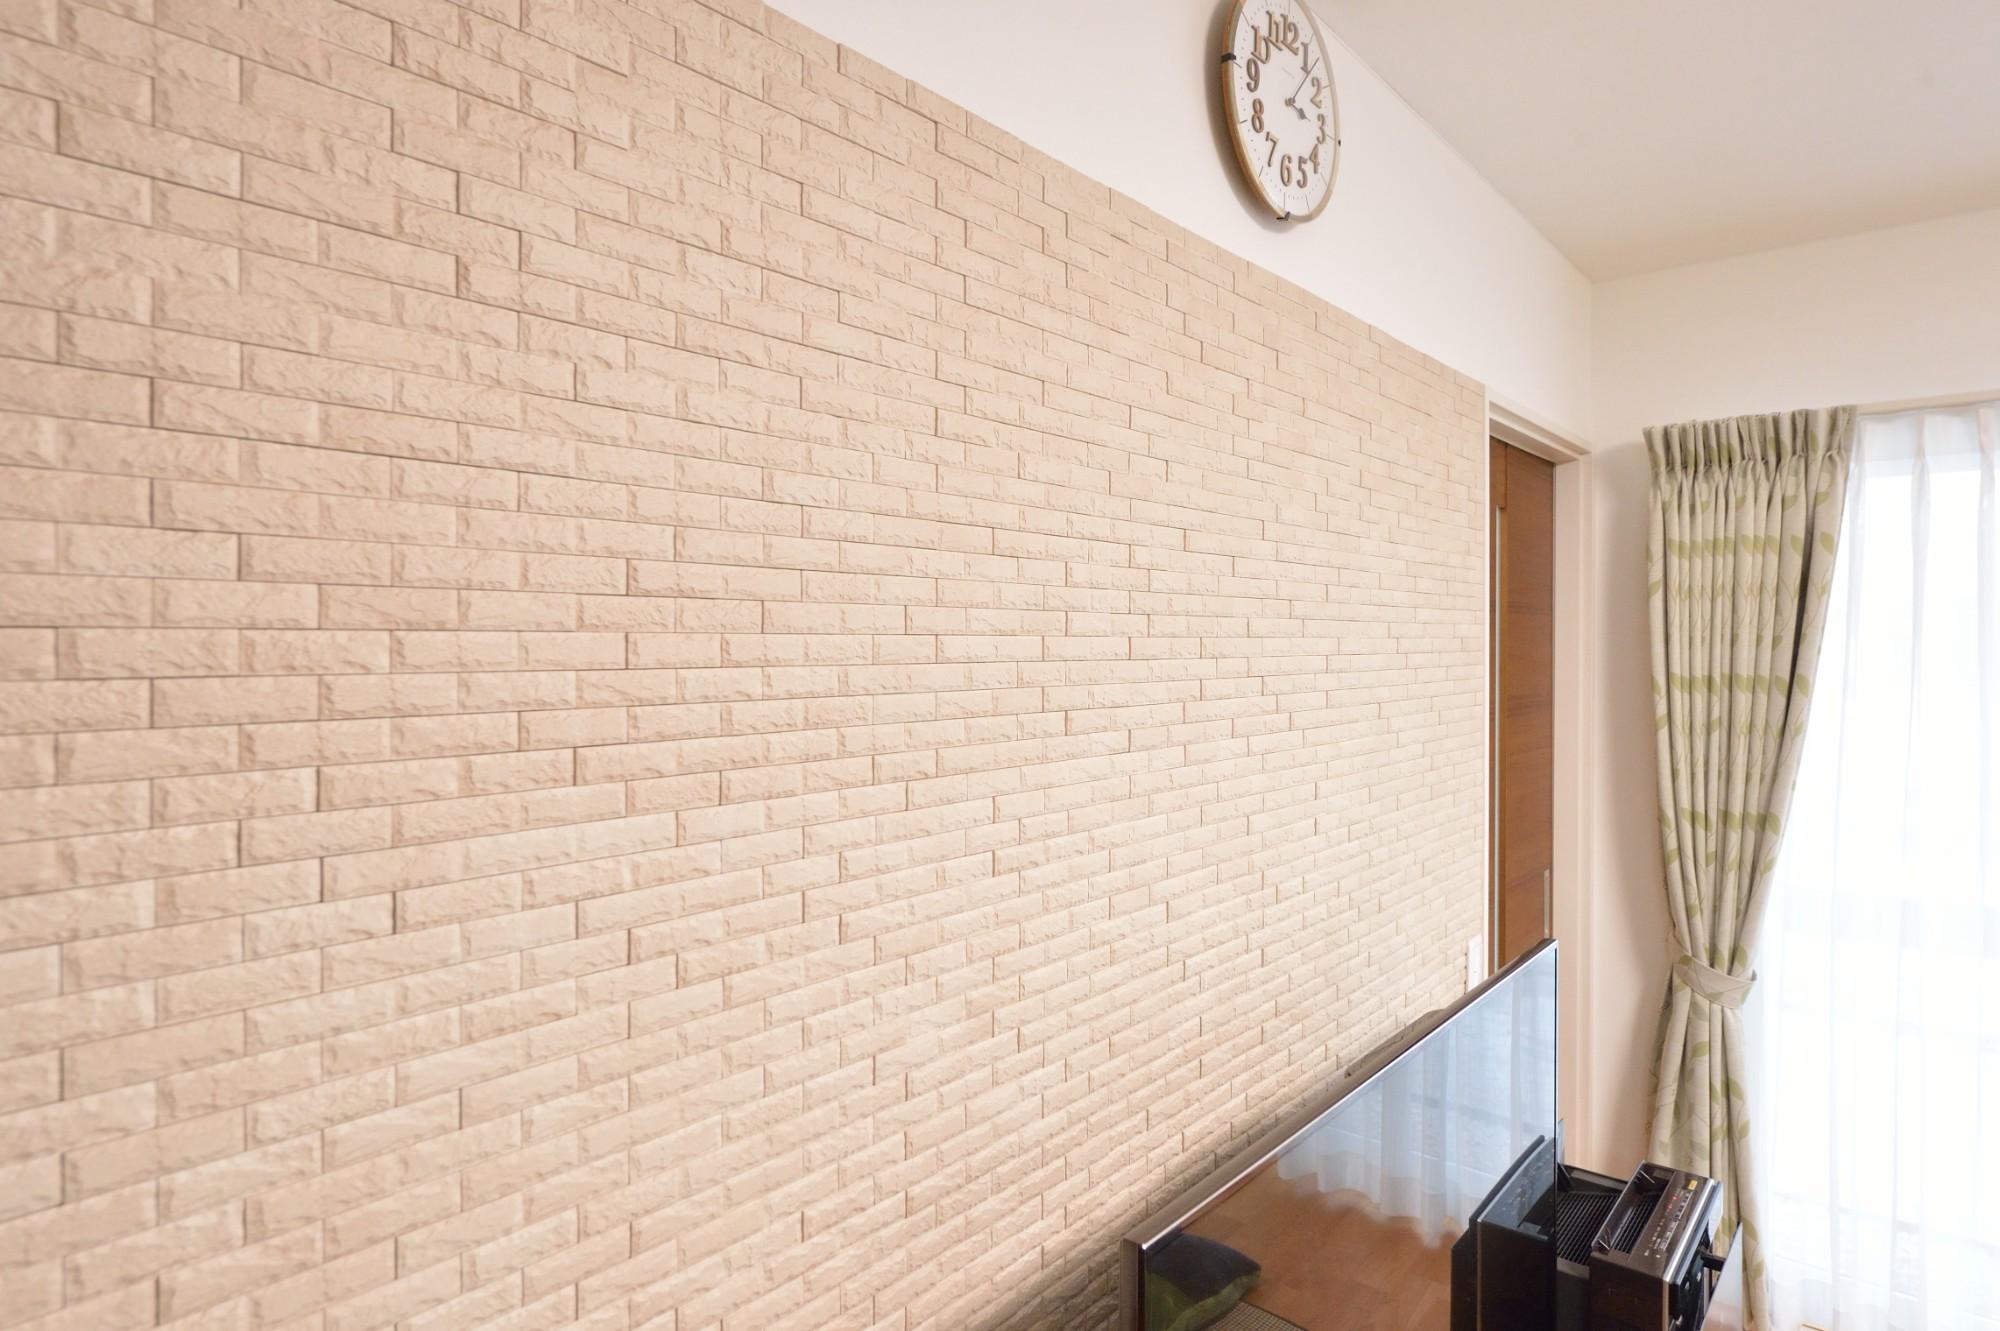 家'Sハセガワ株式会社「Spring share house ~春を分けあう家~」のシンプル・ナチュラルな実例写真